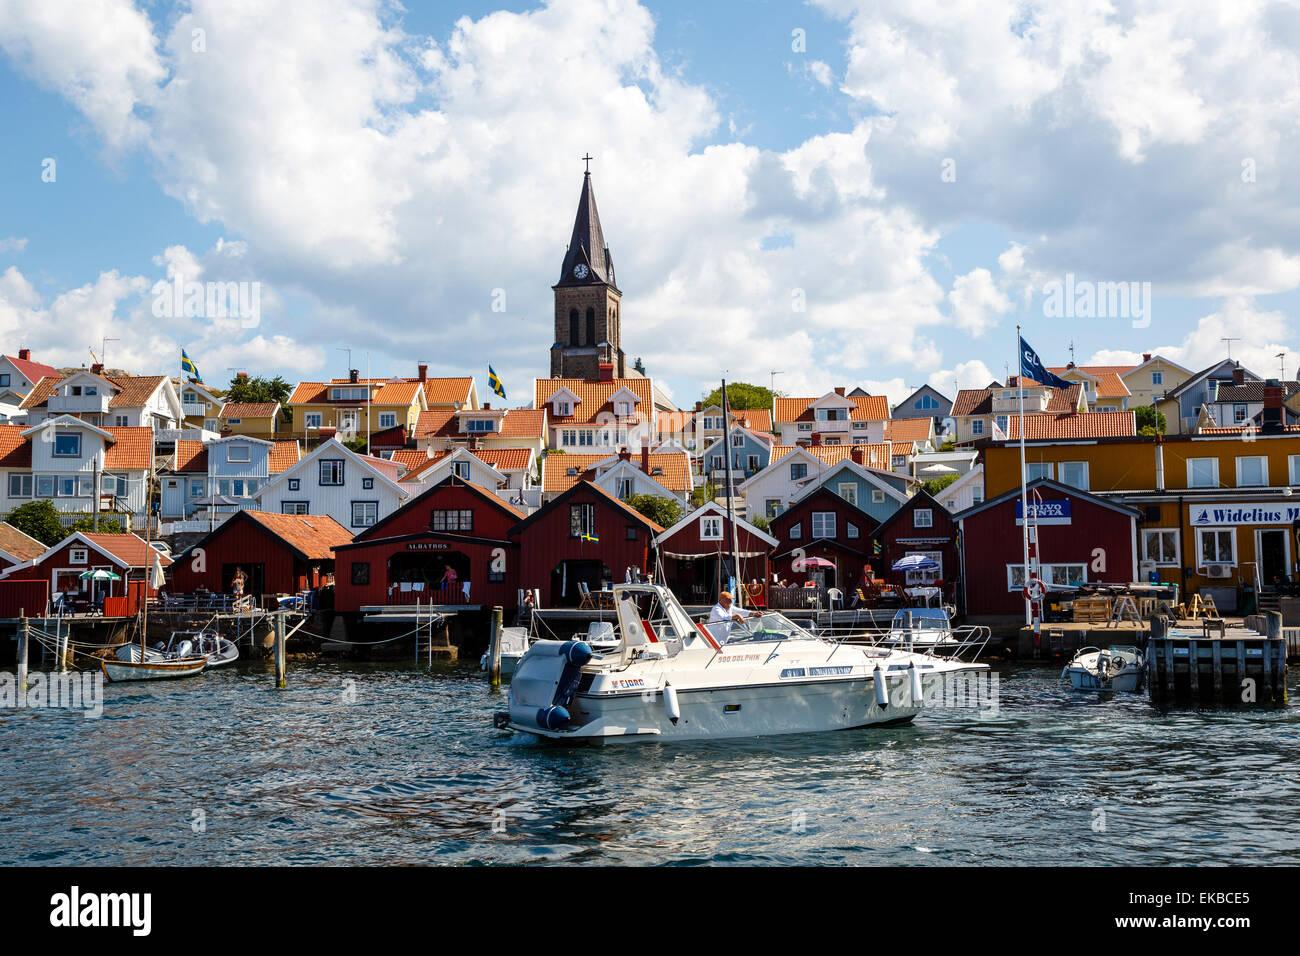 Fjallbacka, regione di Bohuslan, nella costa occidentale della Svezia, Scandinavia, Europa Immagini Stock